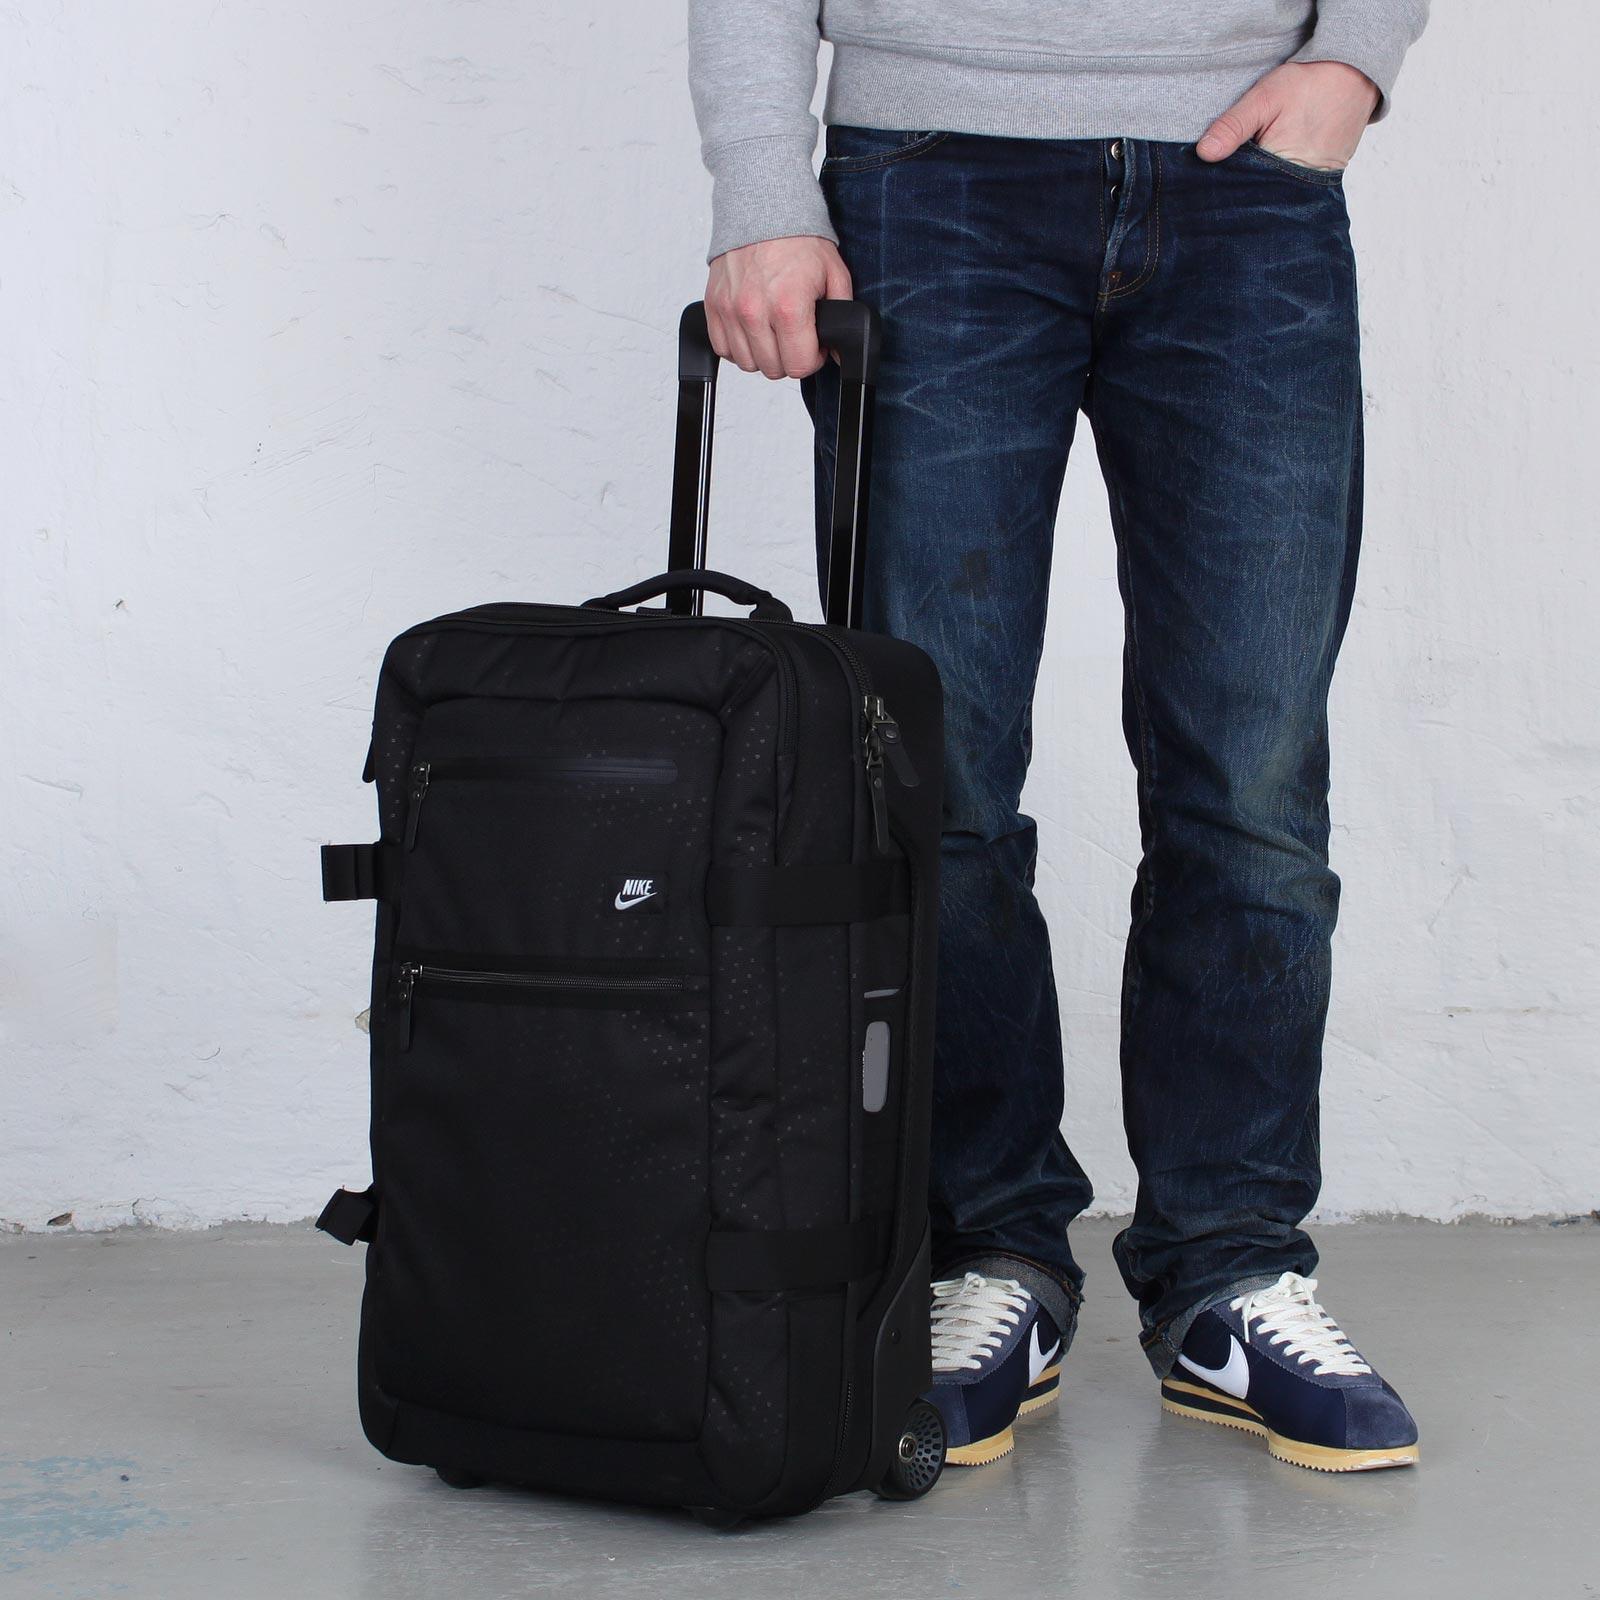 oferta especial Calidad superior diseño popular Nike FiftyOne49 Cabin Roller - BA4411-030 - Sneakersnstuff ...